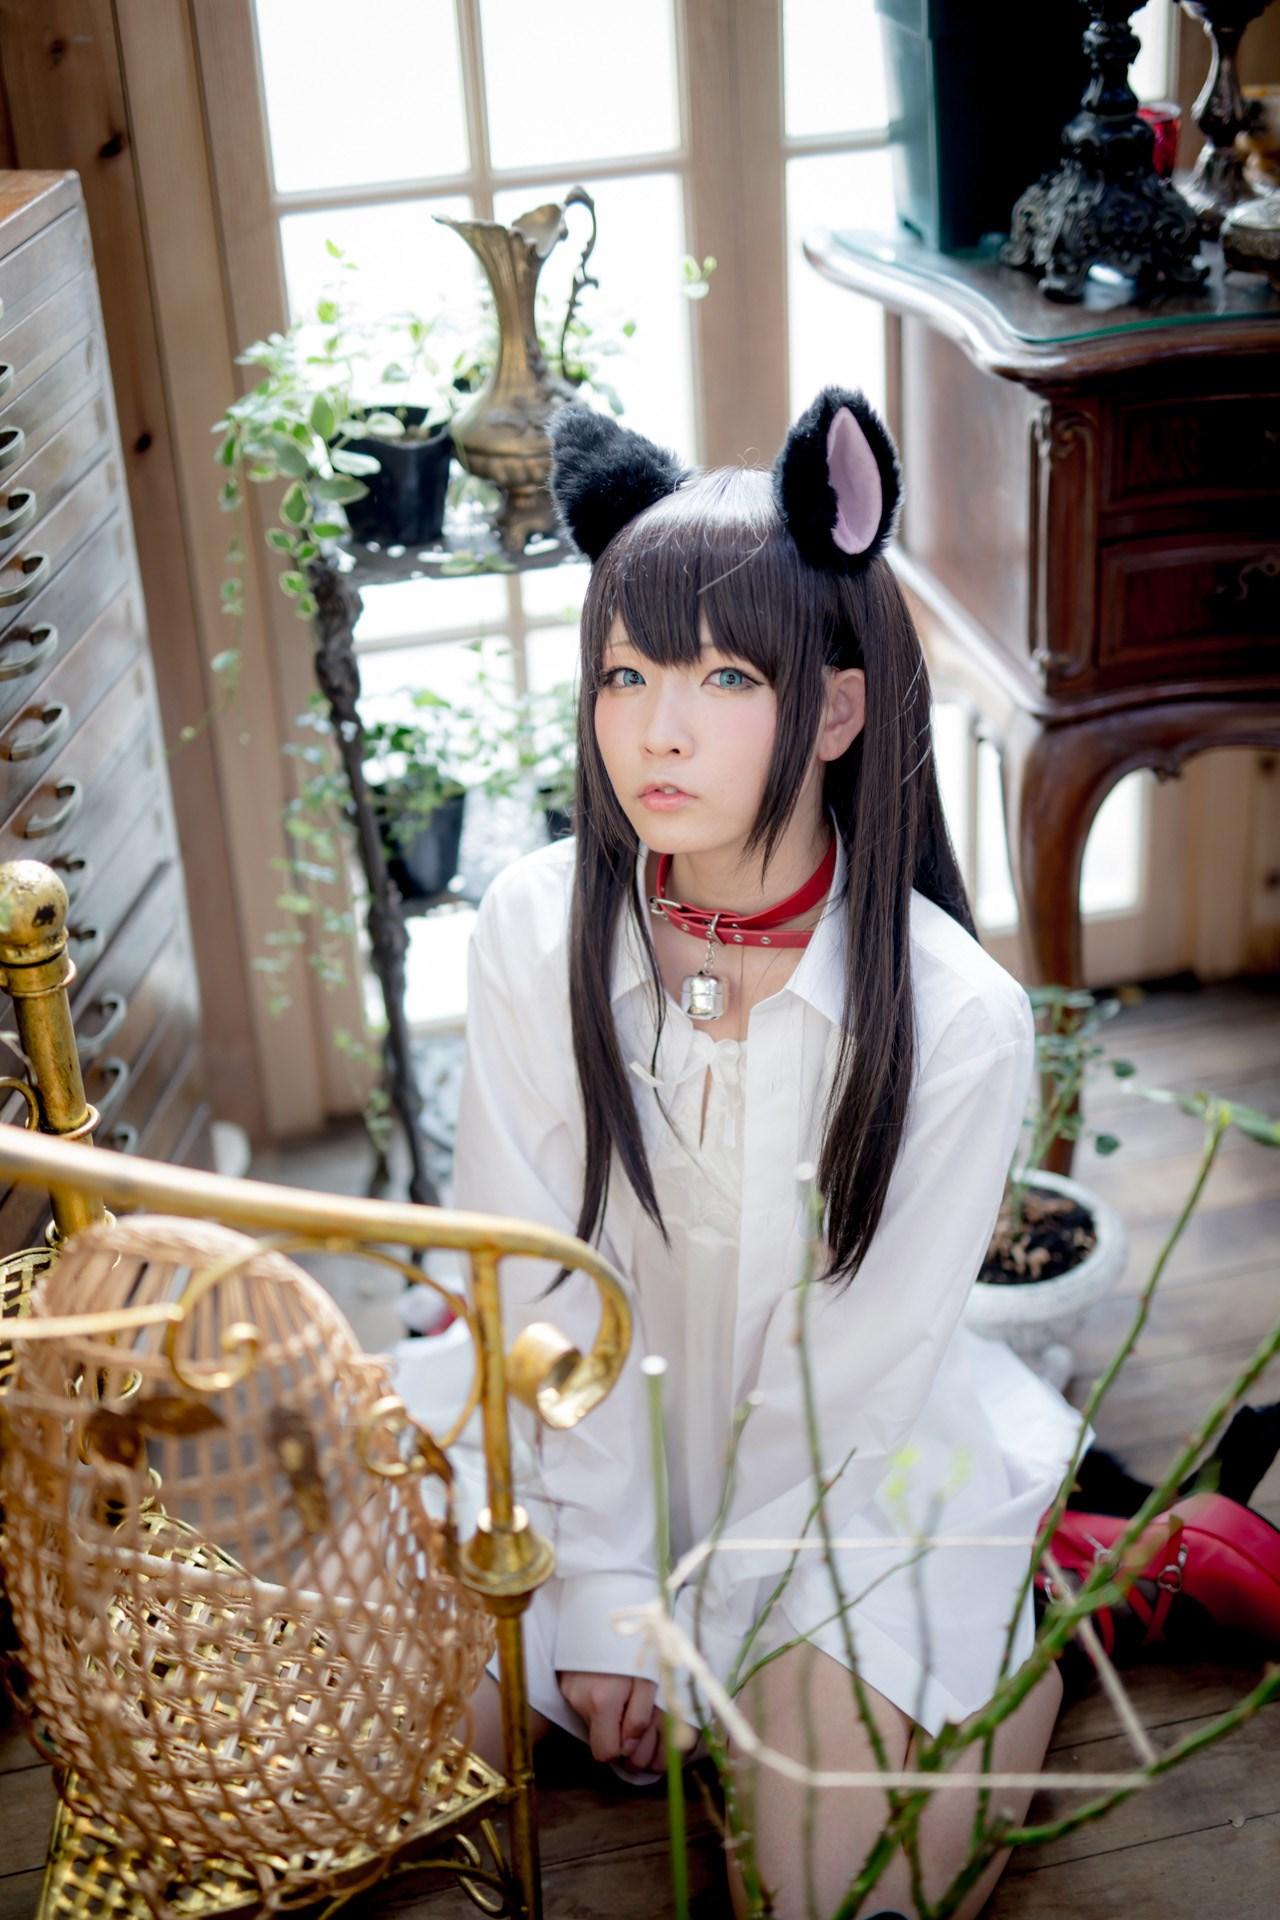 【兔玩映画】猫耳娘 兔玩映画 第4张